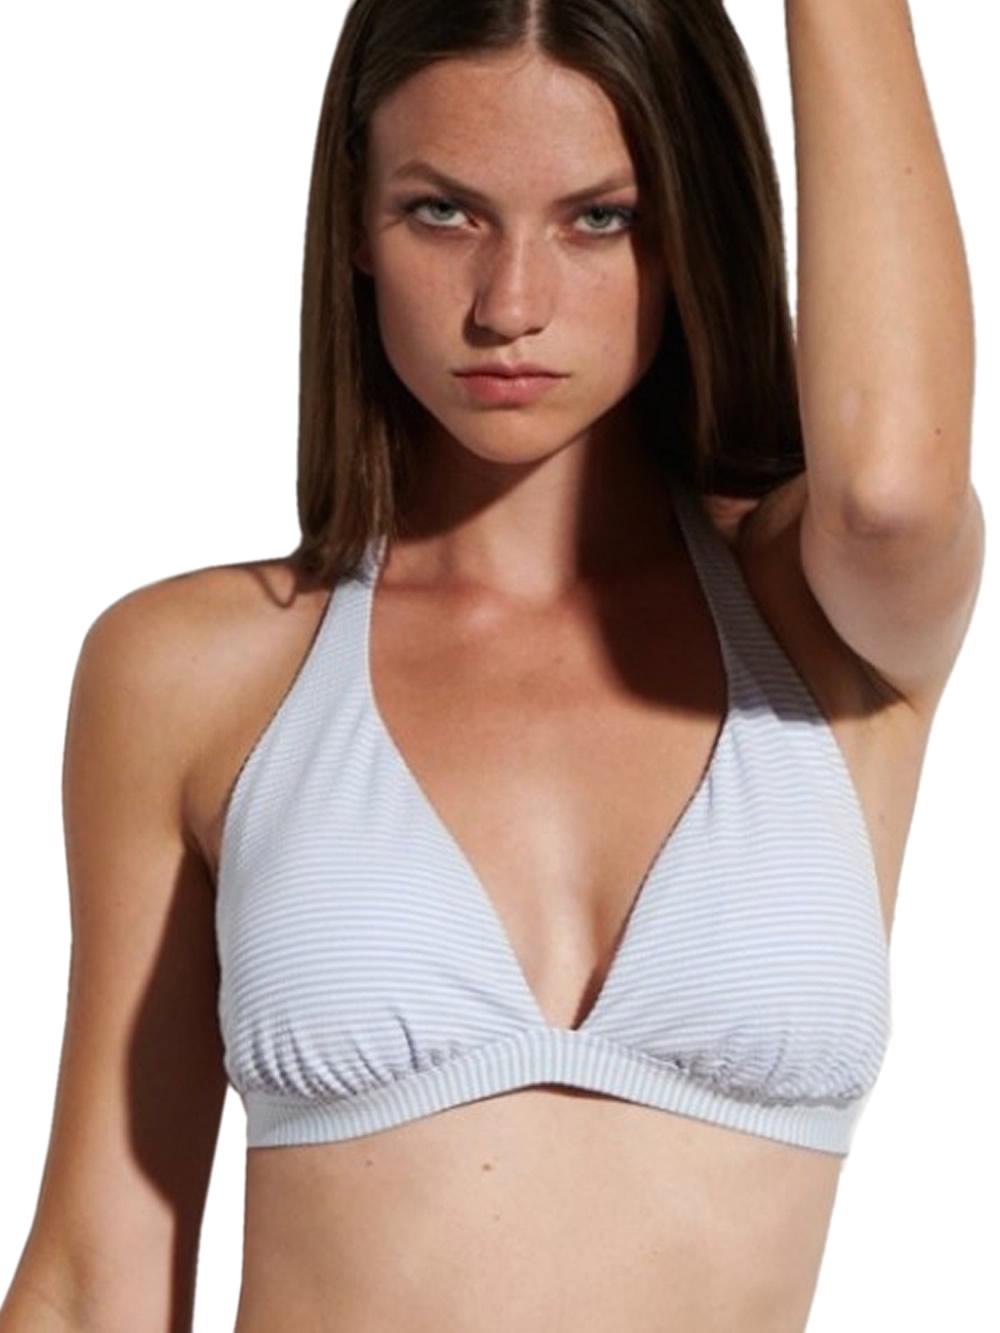 Μαγιό BLU4U Girly Stripes Τρίγωνο για Μεγάλο Στήθος - Χωρίς Μπανέλα - Καλοκαίρι 2021